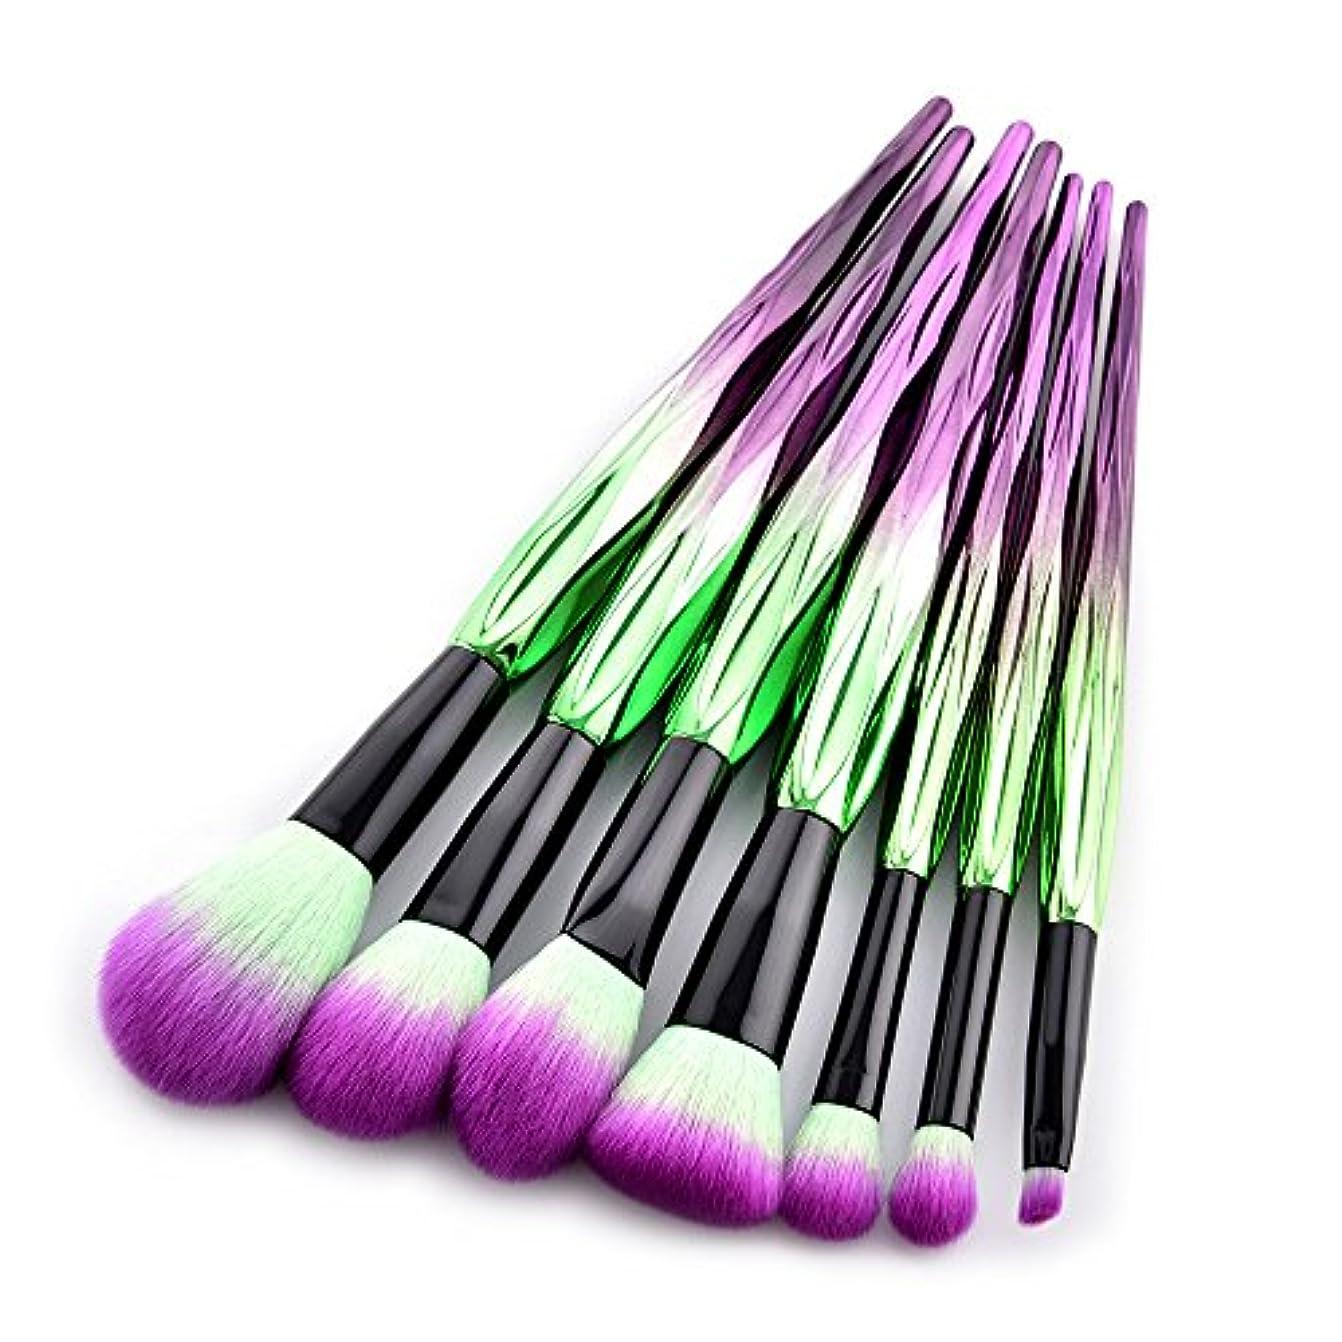 読み書きのできない電池旋律的(プタス)Putars メイクブラシ メイクブラシセット 7本セット 22*12*1.4cm 紫 緑 ベースメイク 化粧ブラシ ふわふわ お肌に優しい 毛量たっぷり メイク道具 プレゼント